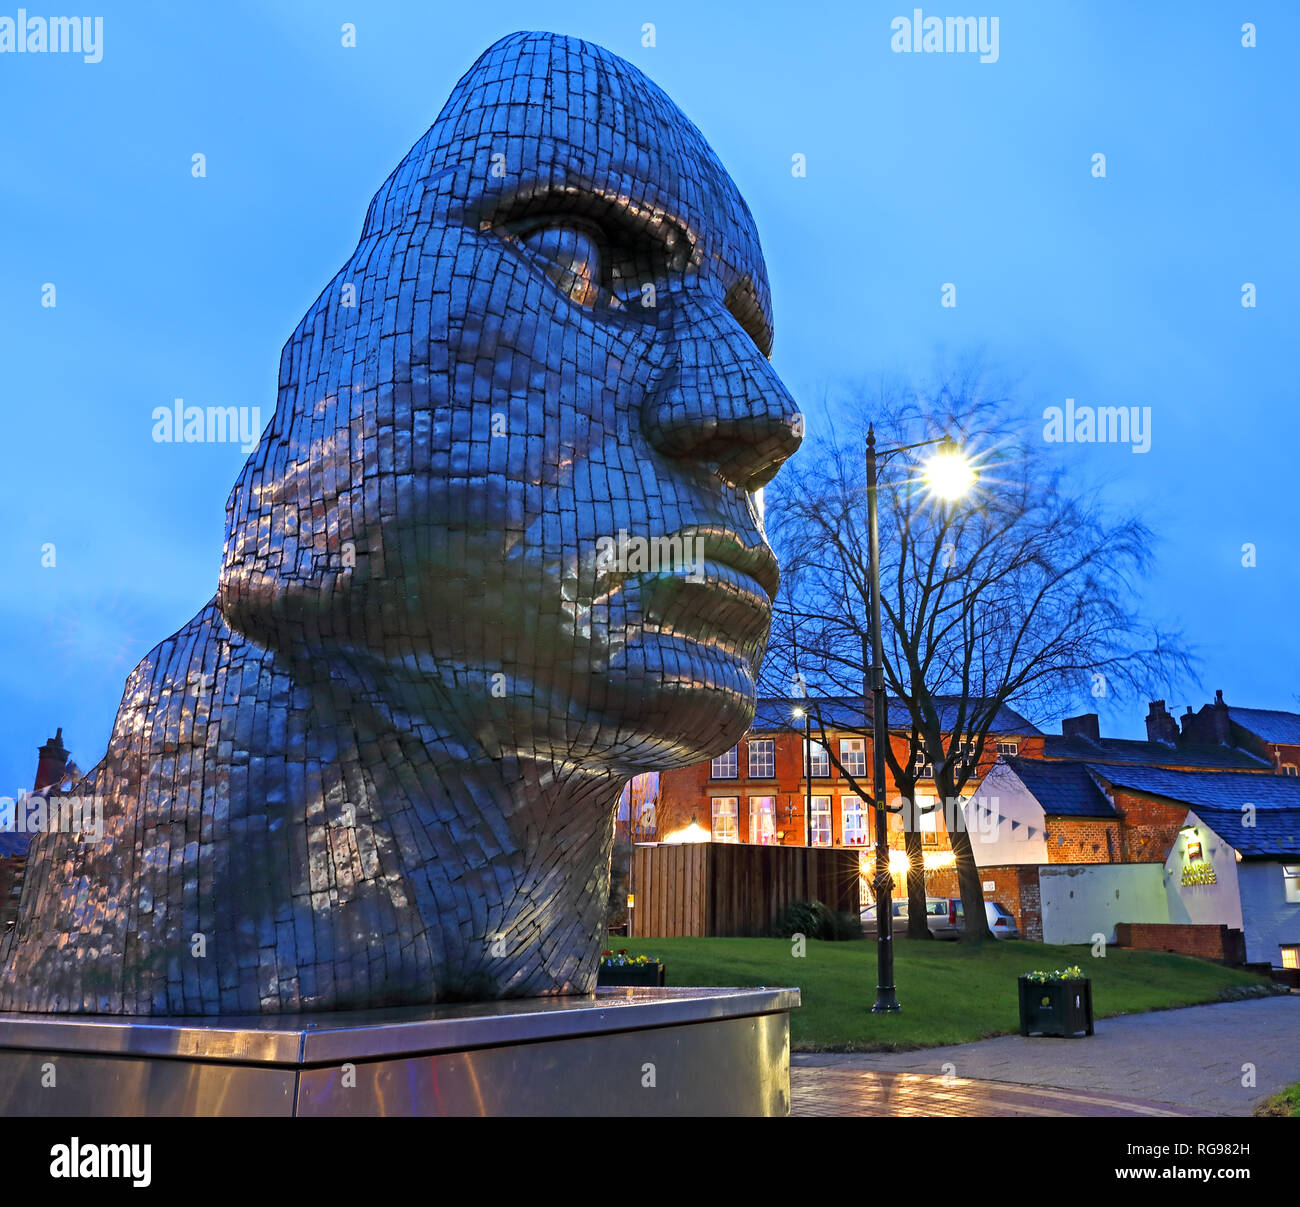 Laden Sie dieses Alamy Stockfoto Das Gesicht von Wigan in der Dämmerung, Nacht Image der Stahlkonstruktion im Stadtzentrum, - RG982H